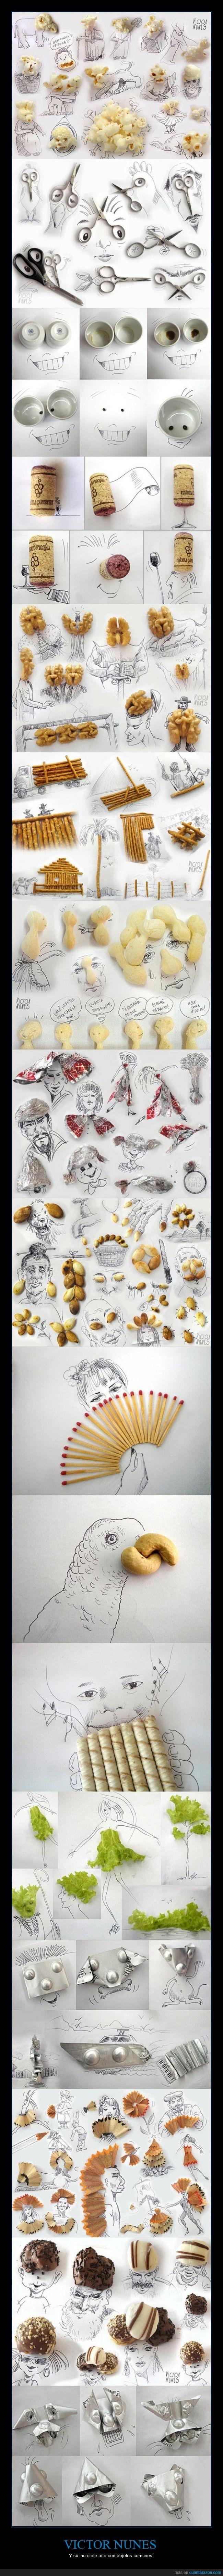 arte,cerillas,dibujo,fosforos,lapiz,nuez,taza,tijeras,Victor Nunes